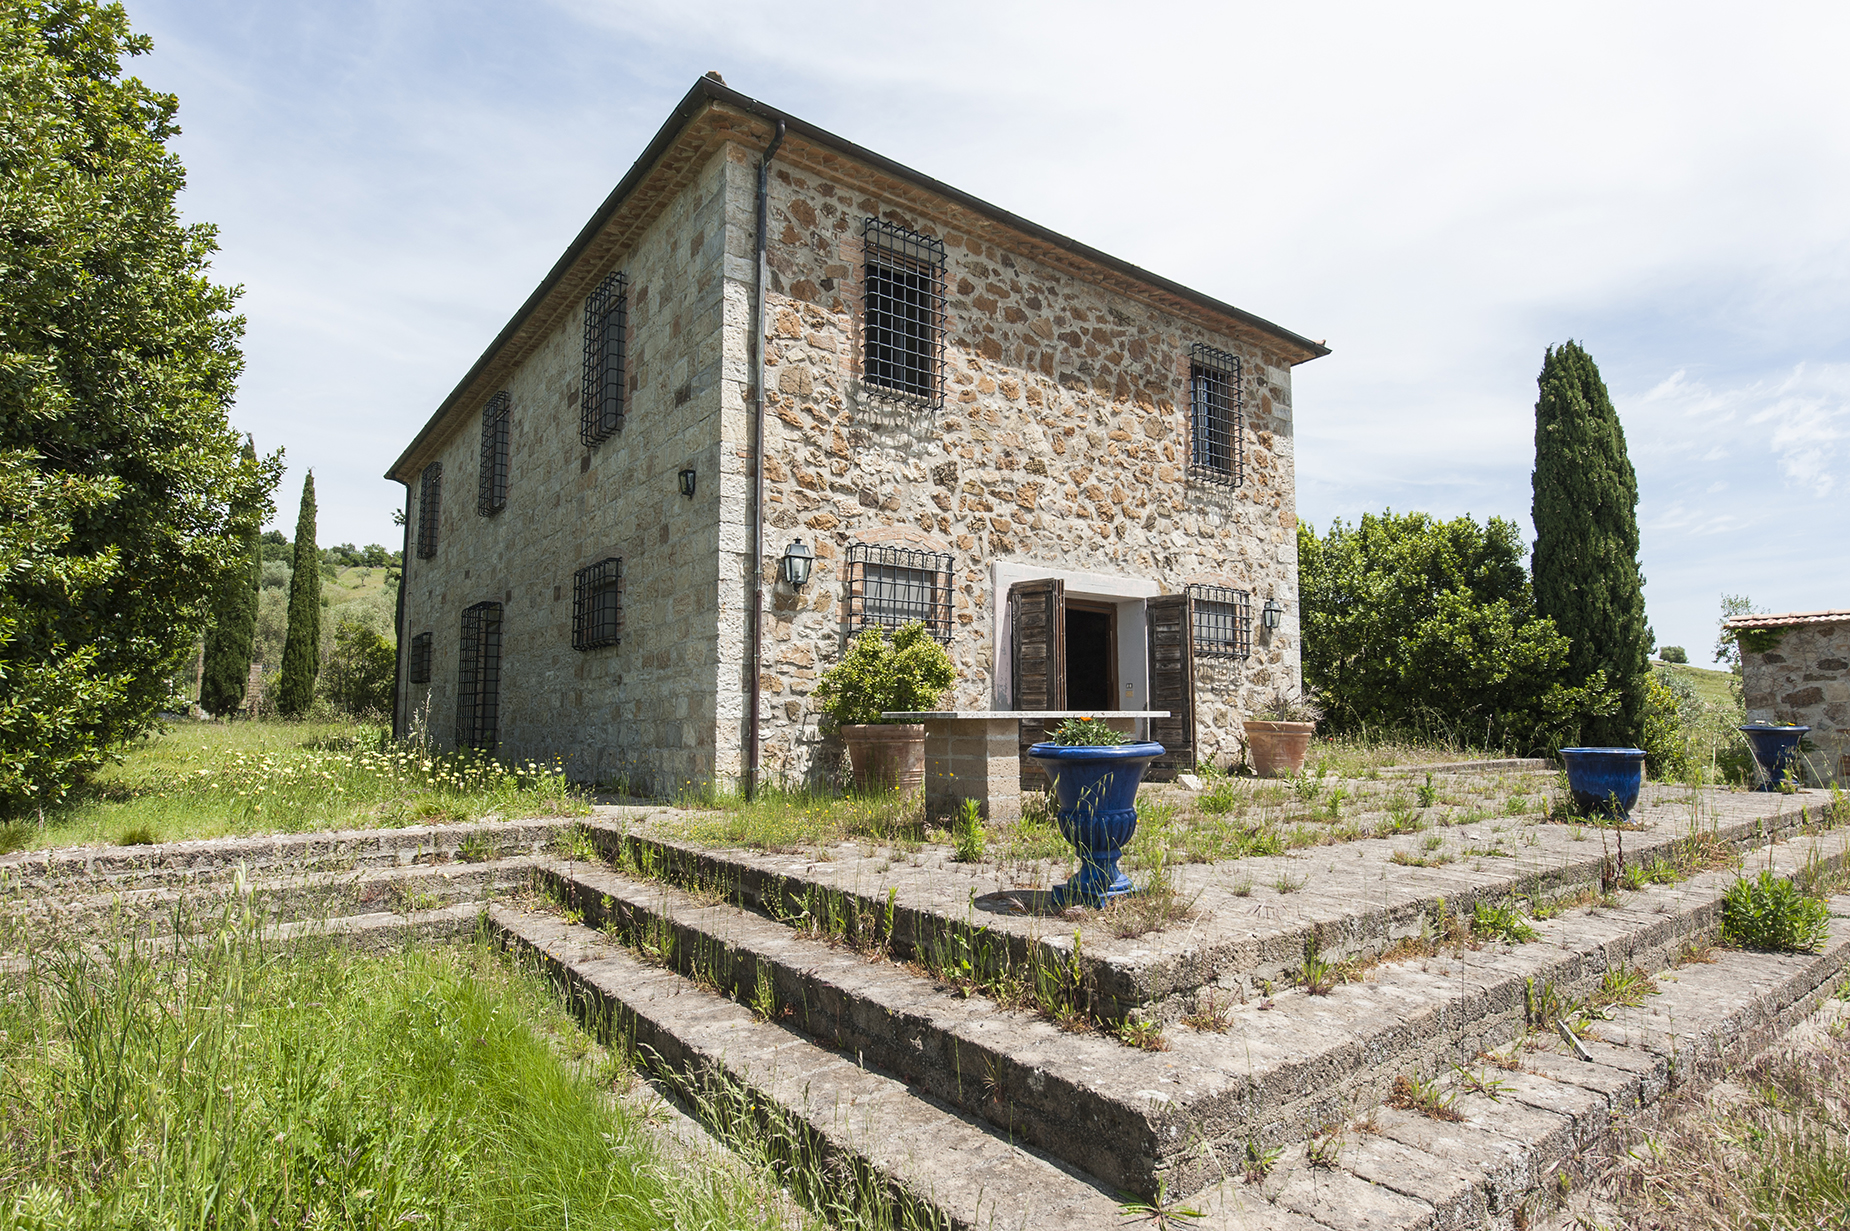 Rustico in Vendita a Roccalbegna: 5 locali, 450 mq - Foto 2